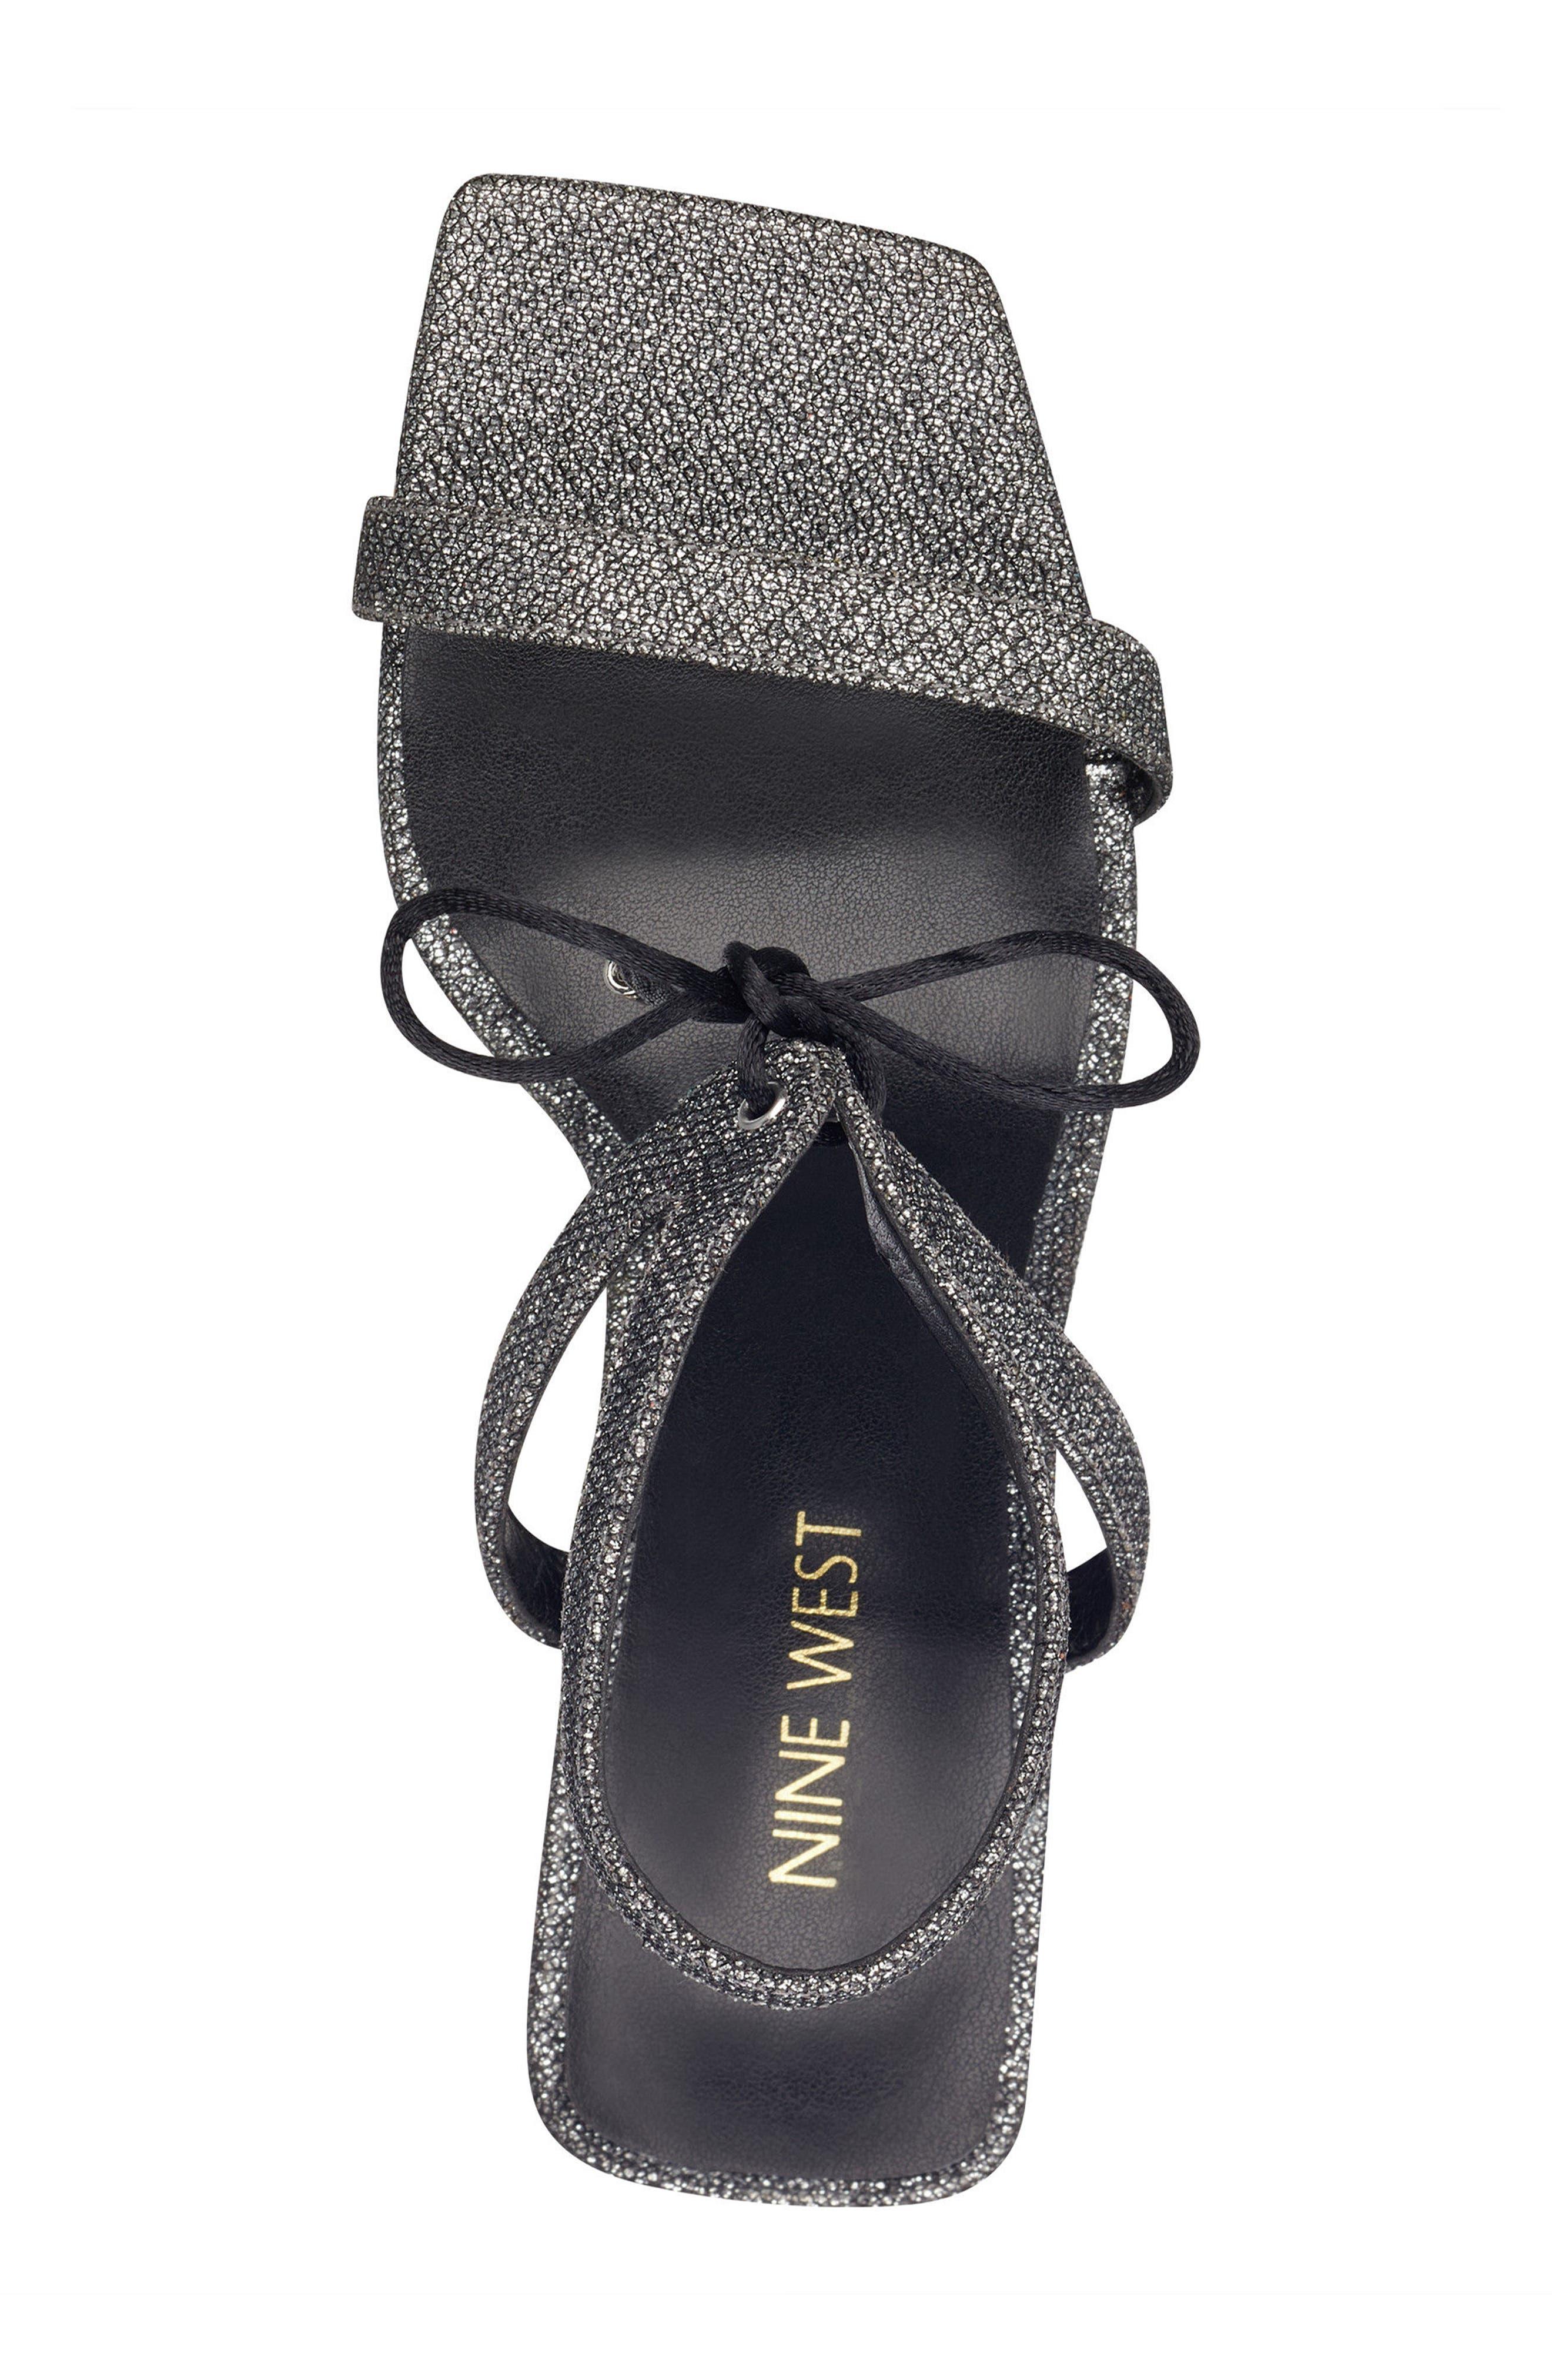 Longitano Squared Toe Sandal,                             Alternate thumbnail 5, color,                             Black/ Silver Fabric